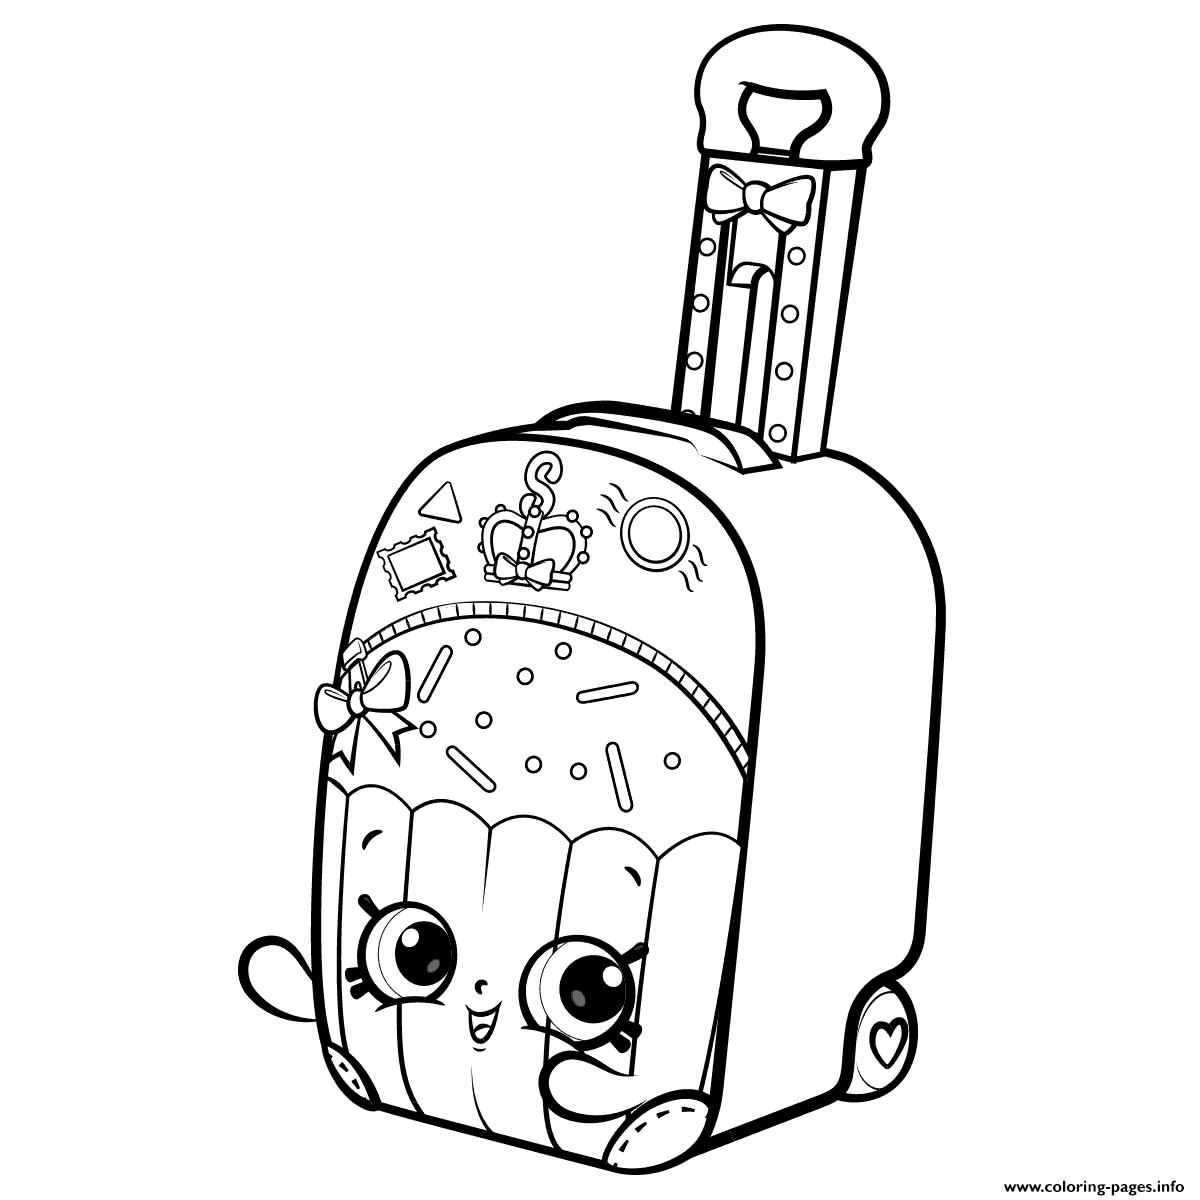 Print Shopkins World Vacation Season 8 coloring pages